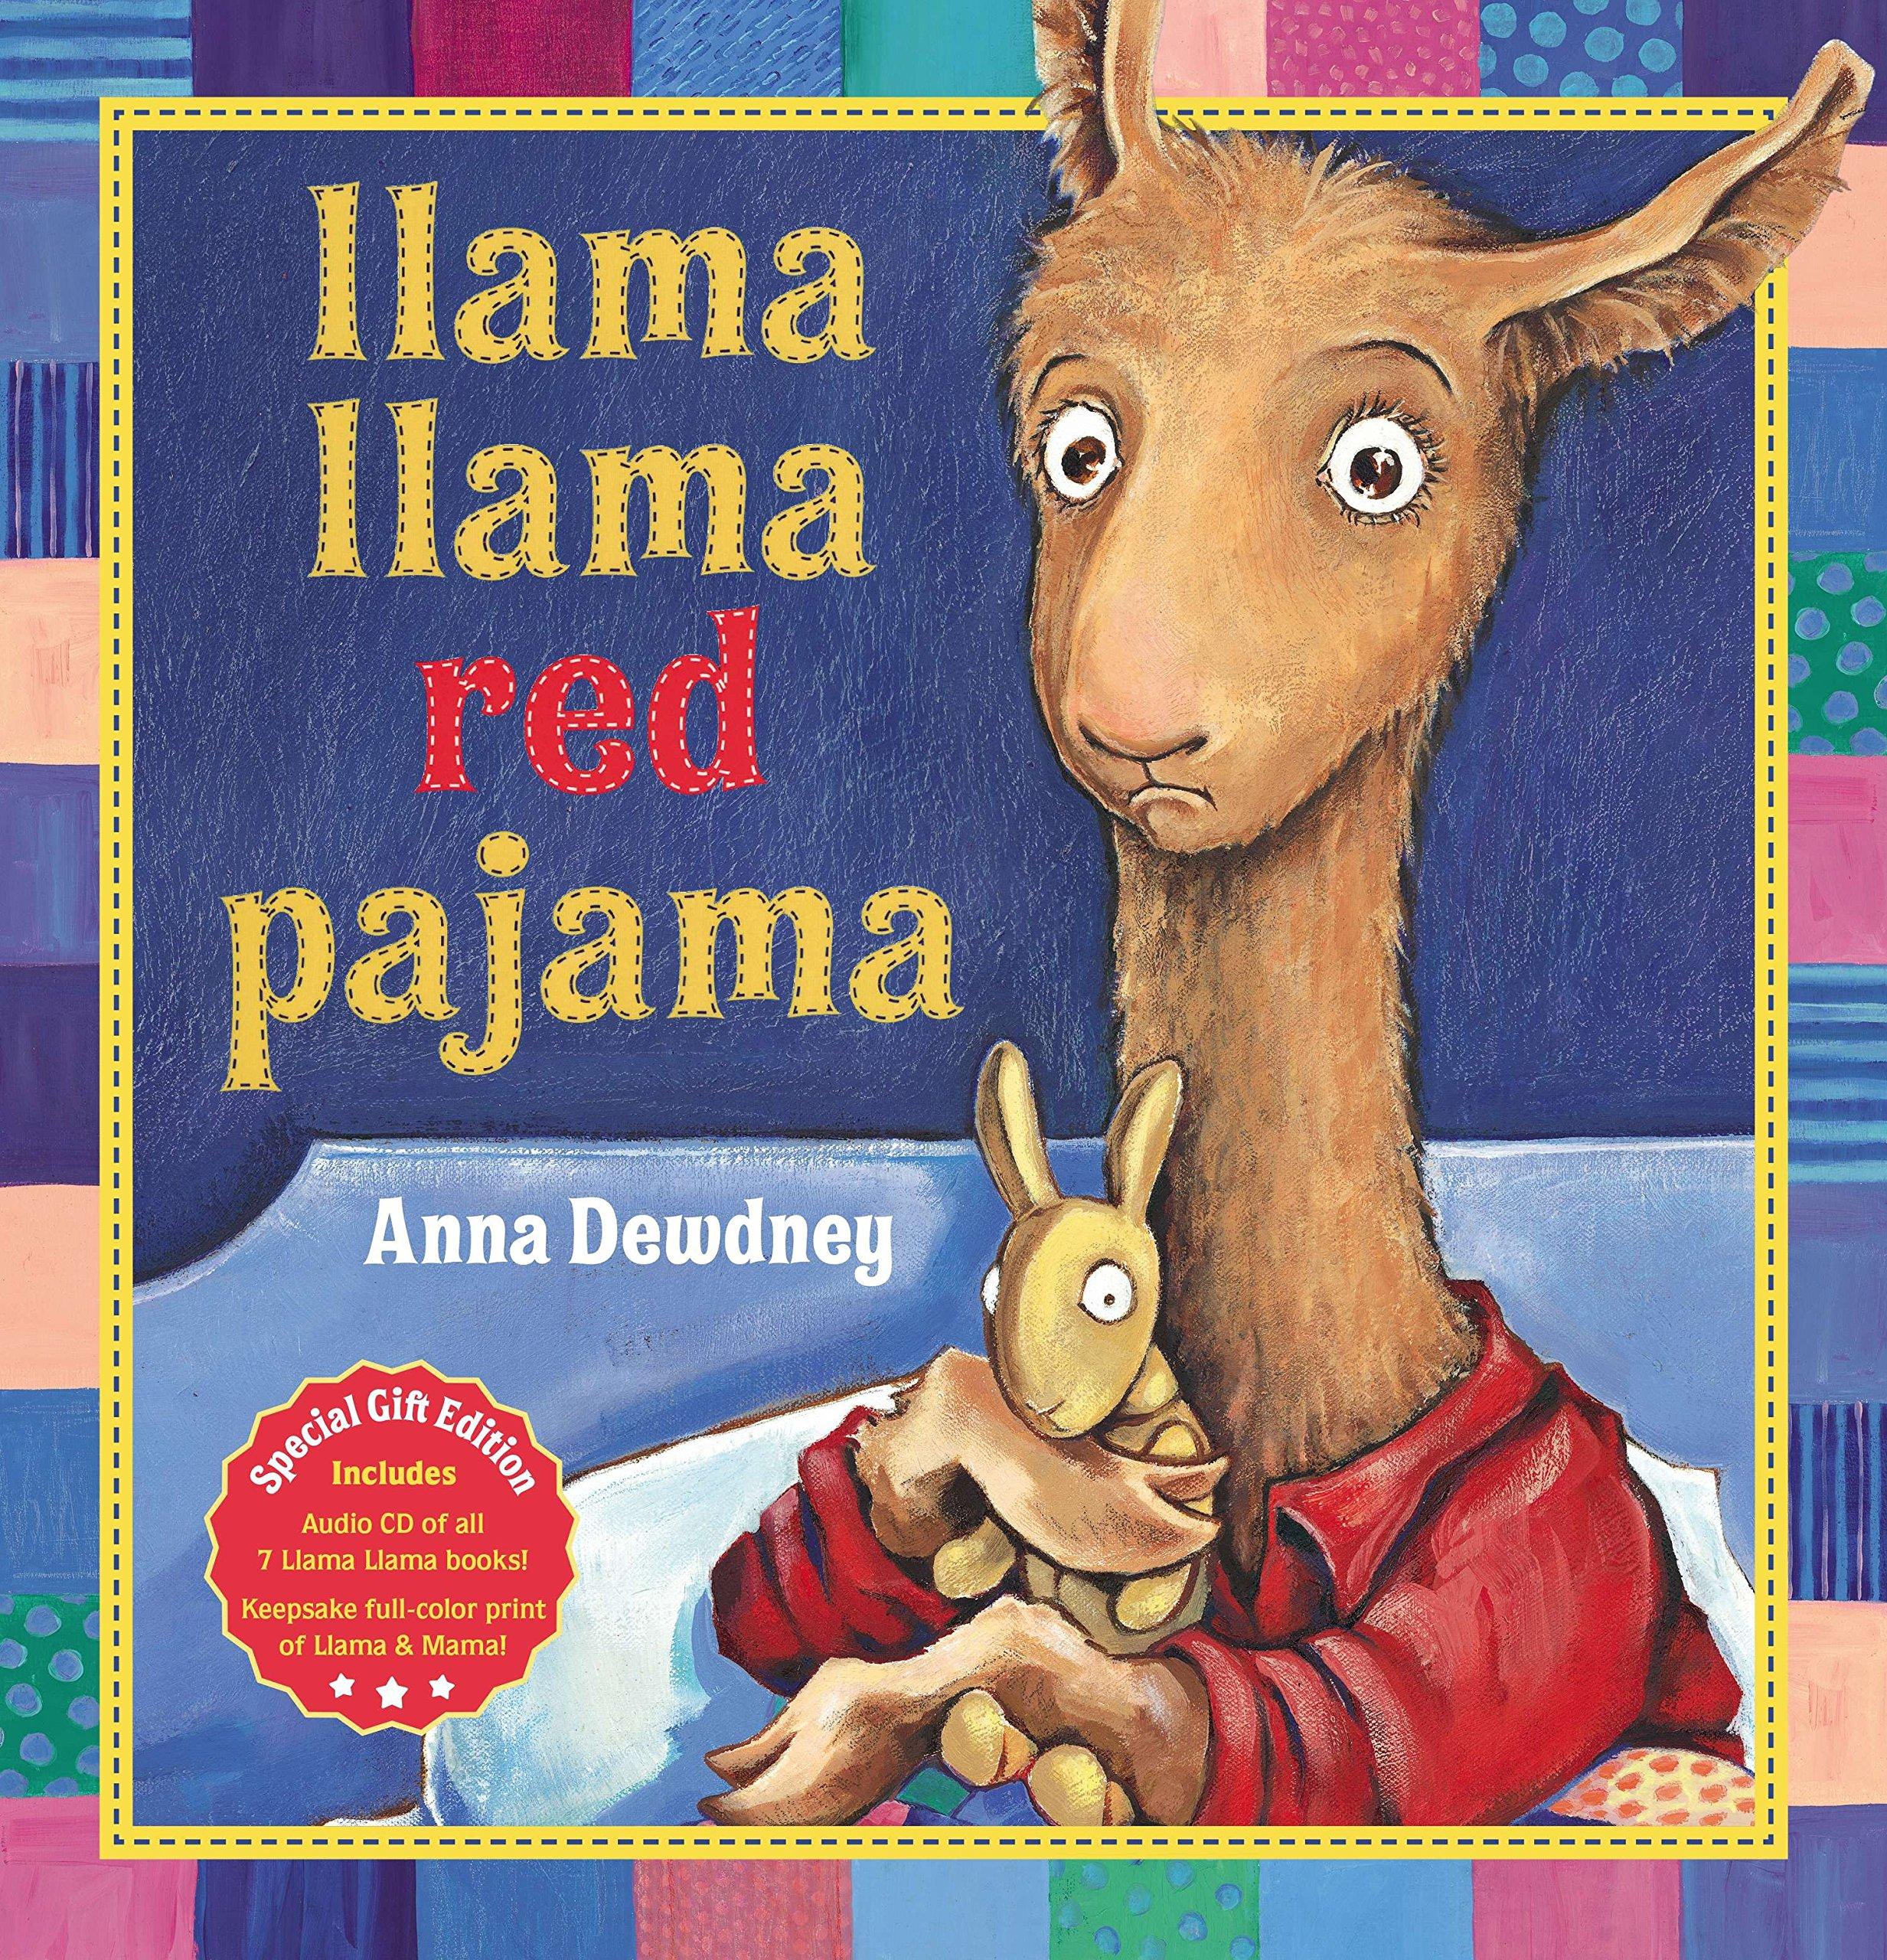 Llama Llama Red Pajama Gift Edition Anna Dewdney 9780451469908